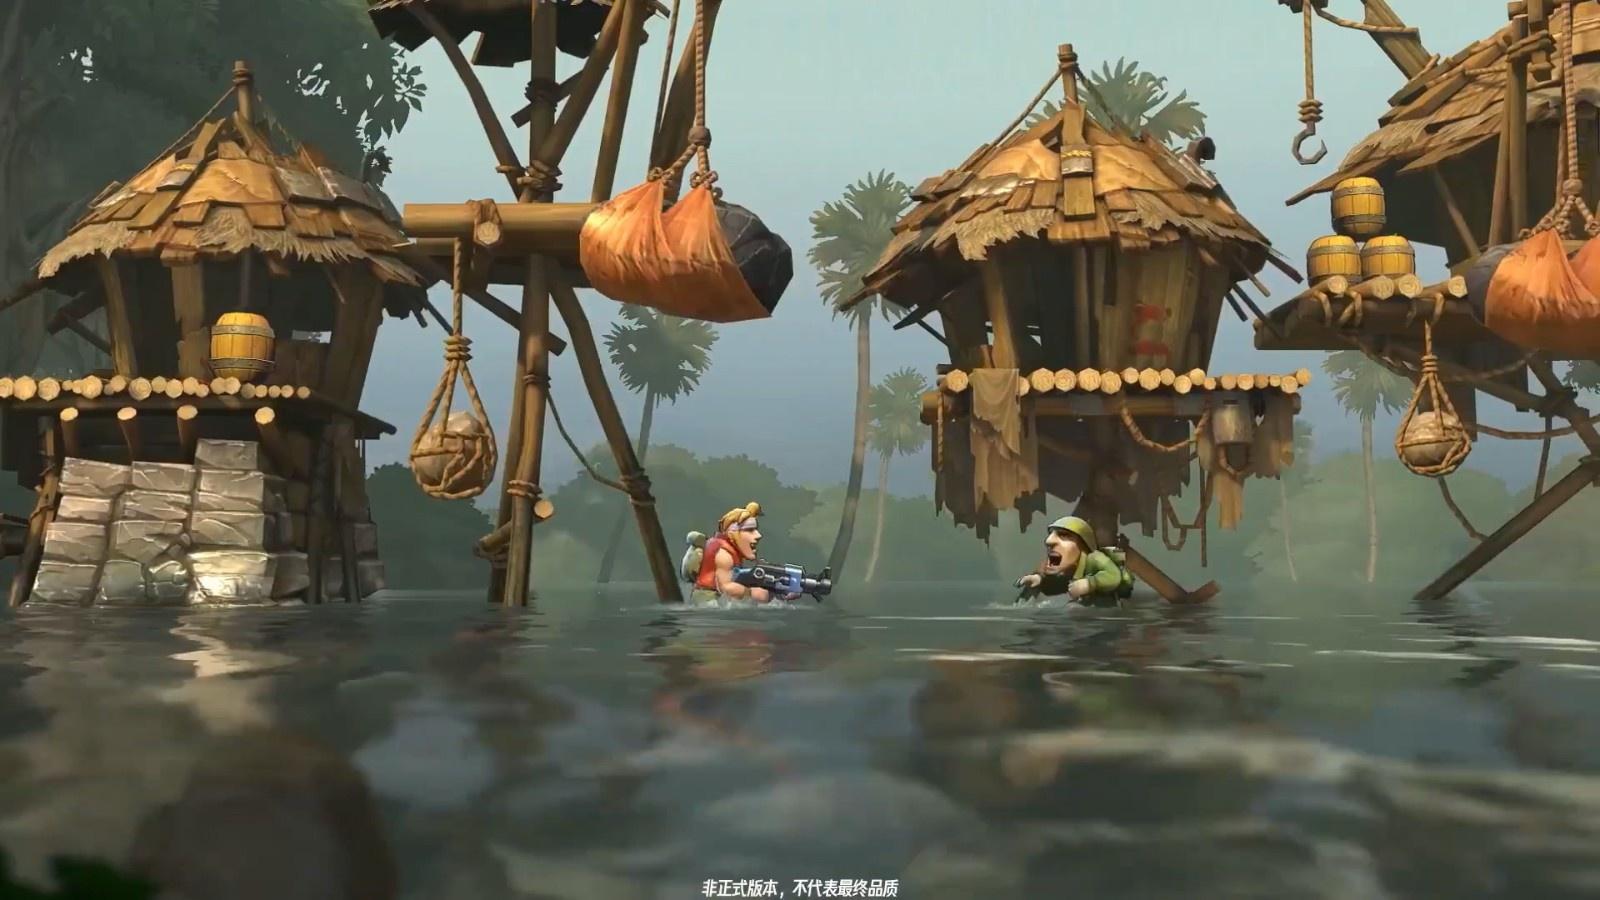 Metal Slug Mobile – 'Rambo Lùn' trên di động hé lộ gameplay hấp dẫn